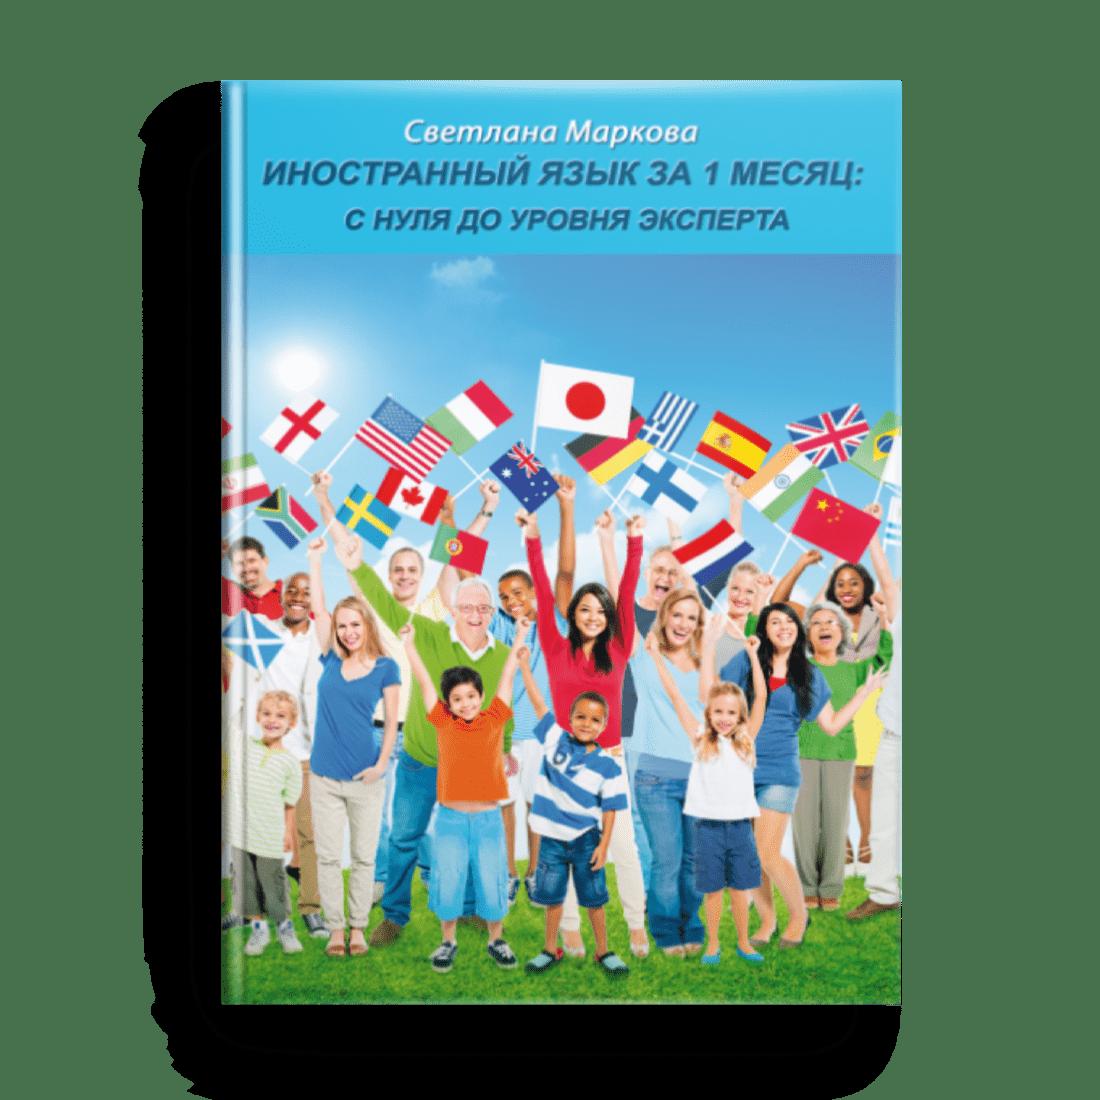 ТОП-20 книг по изучению иностранных языков